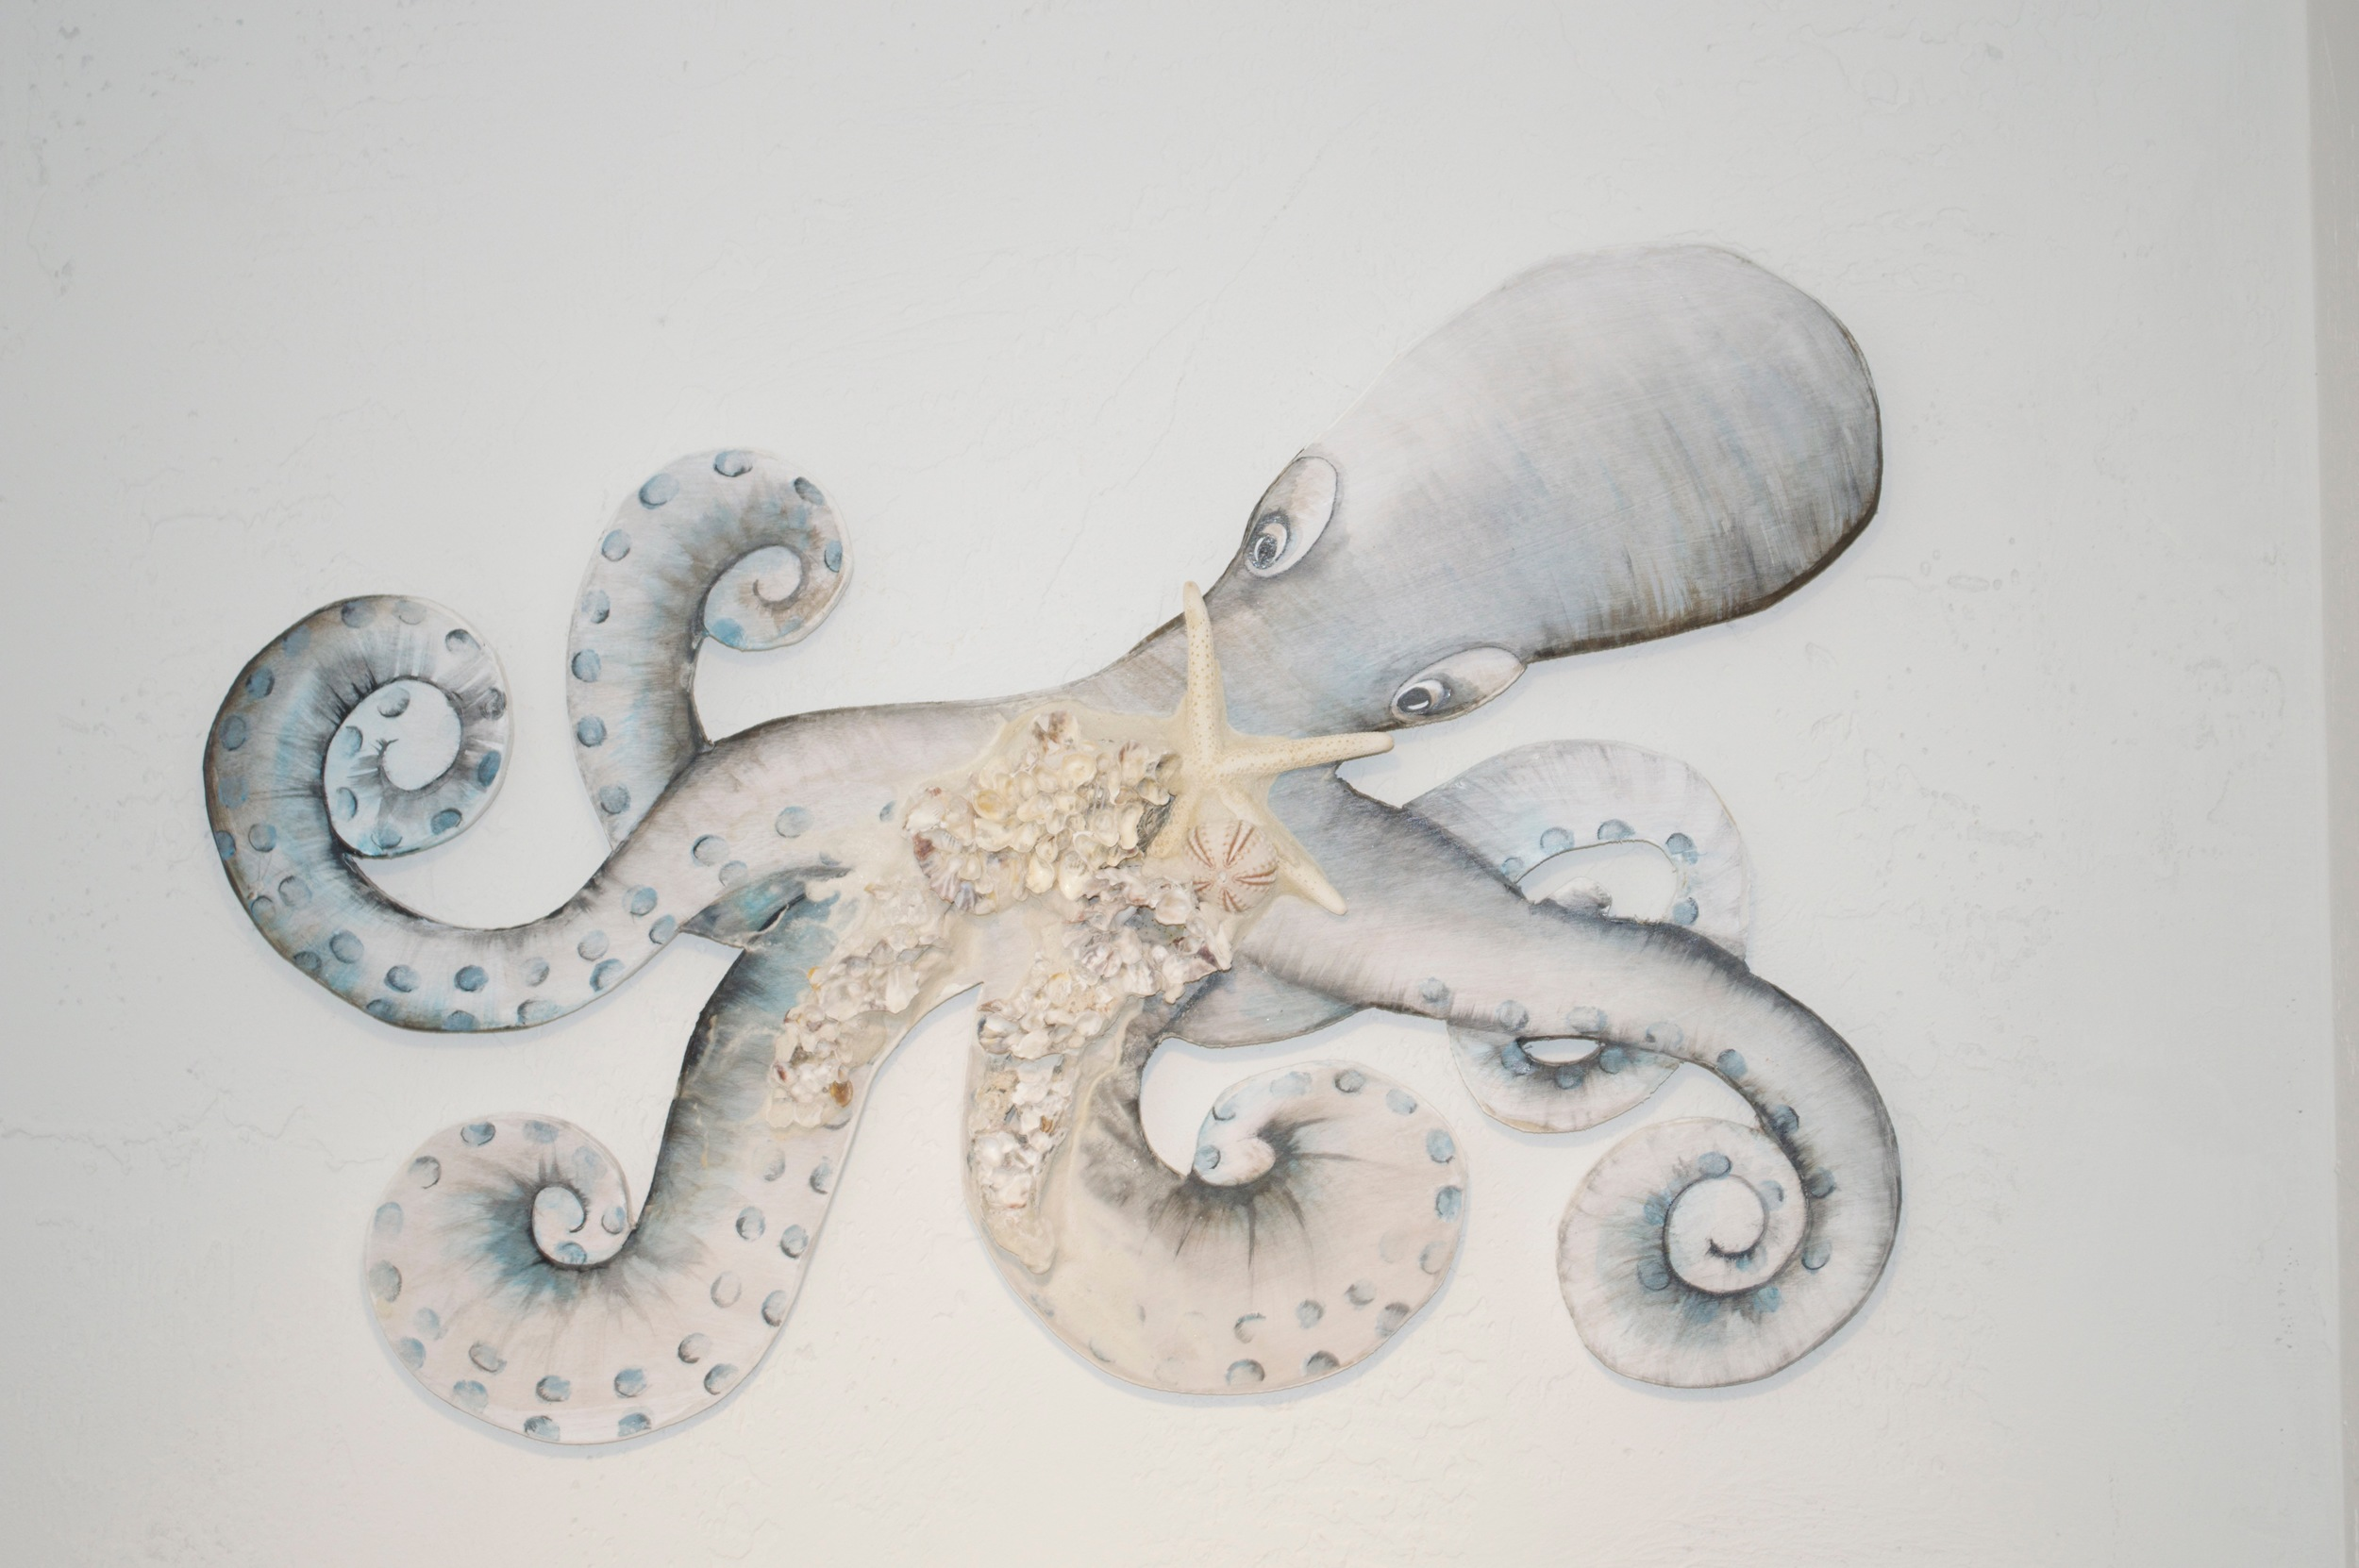 """Beach Art - Octopus - wood, glass, shells - 26"""" x 15"""" - $149"""